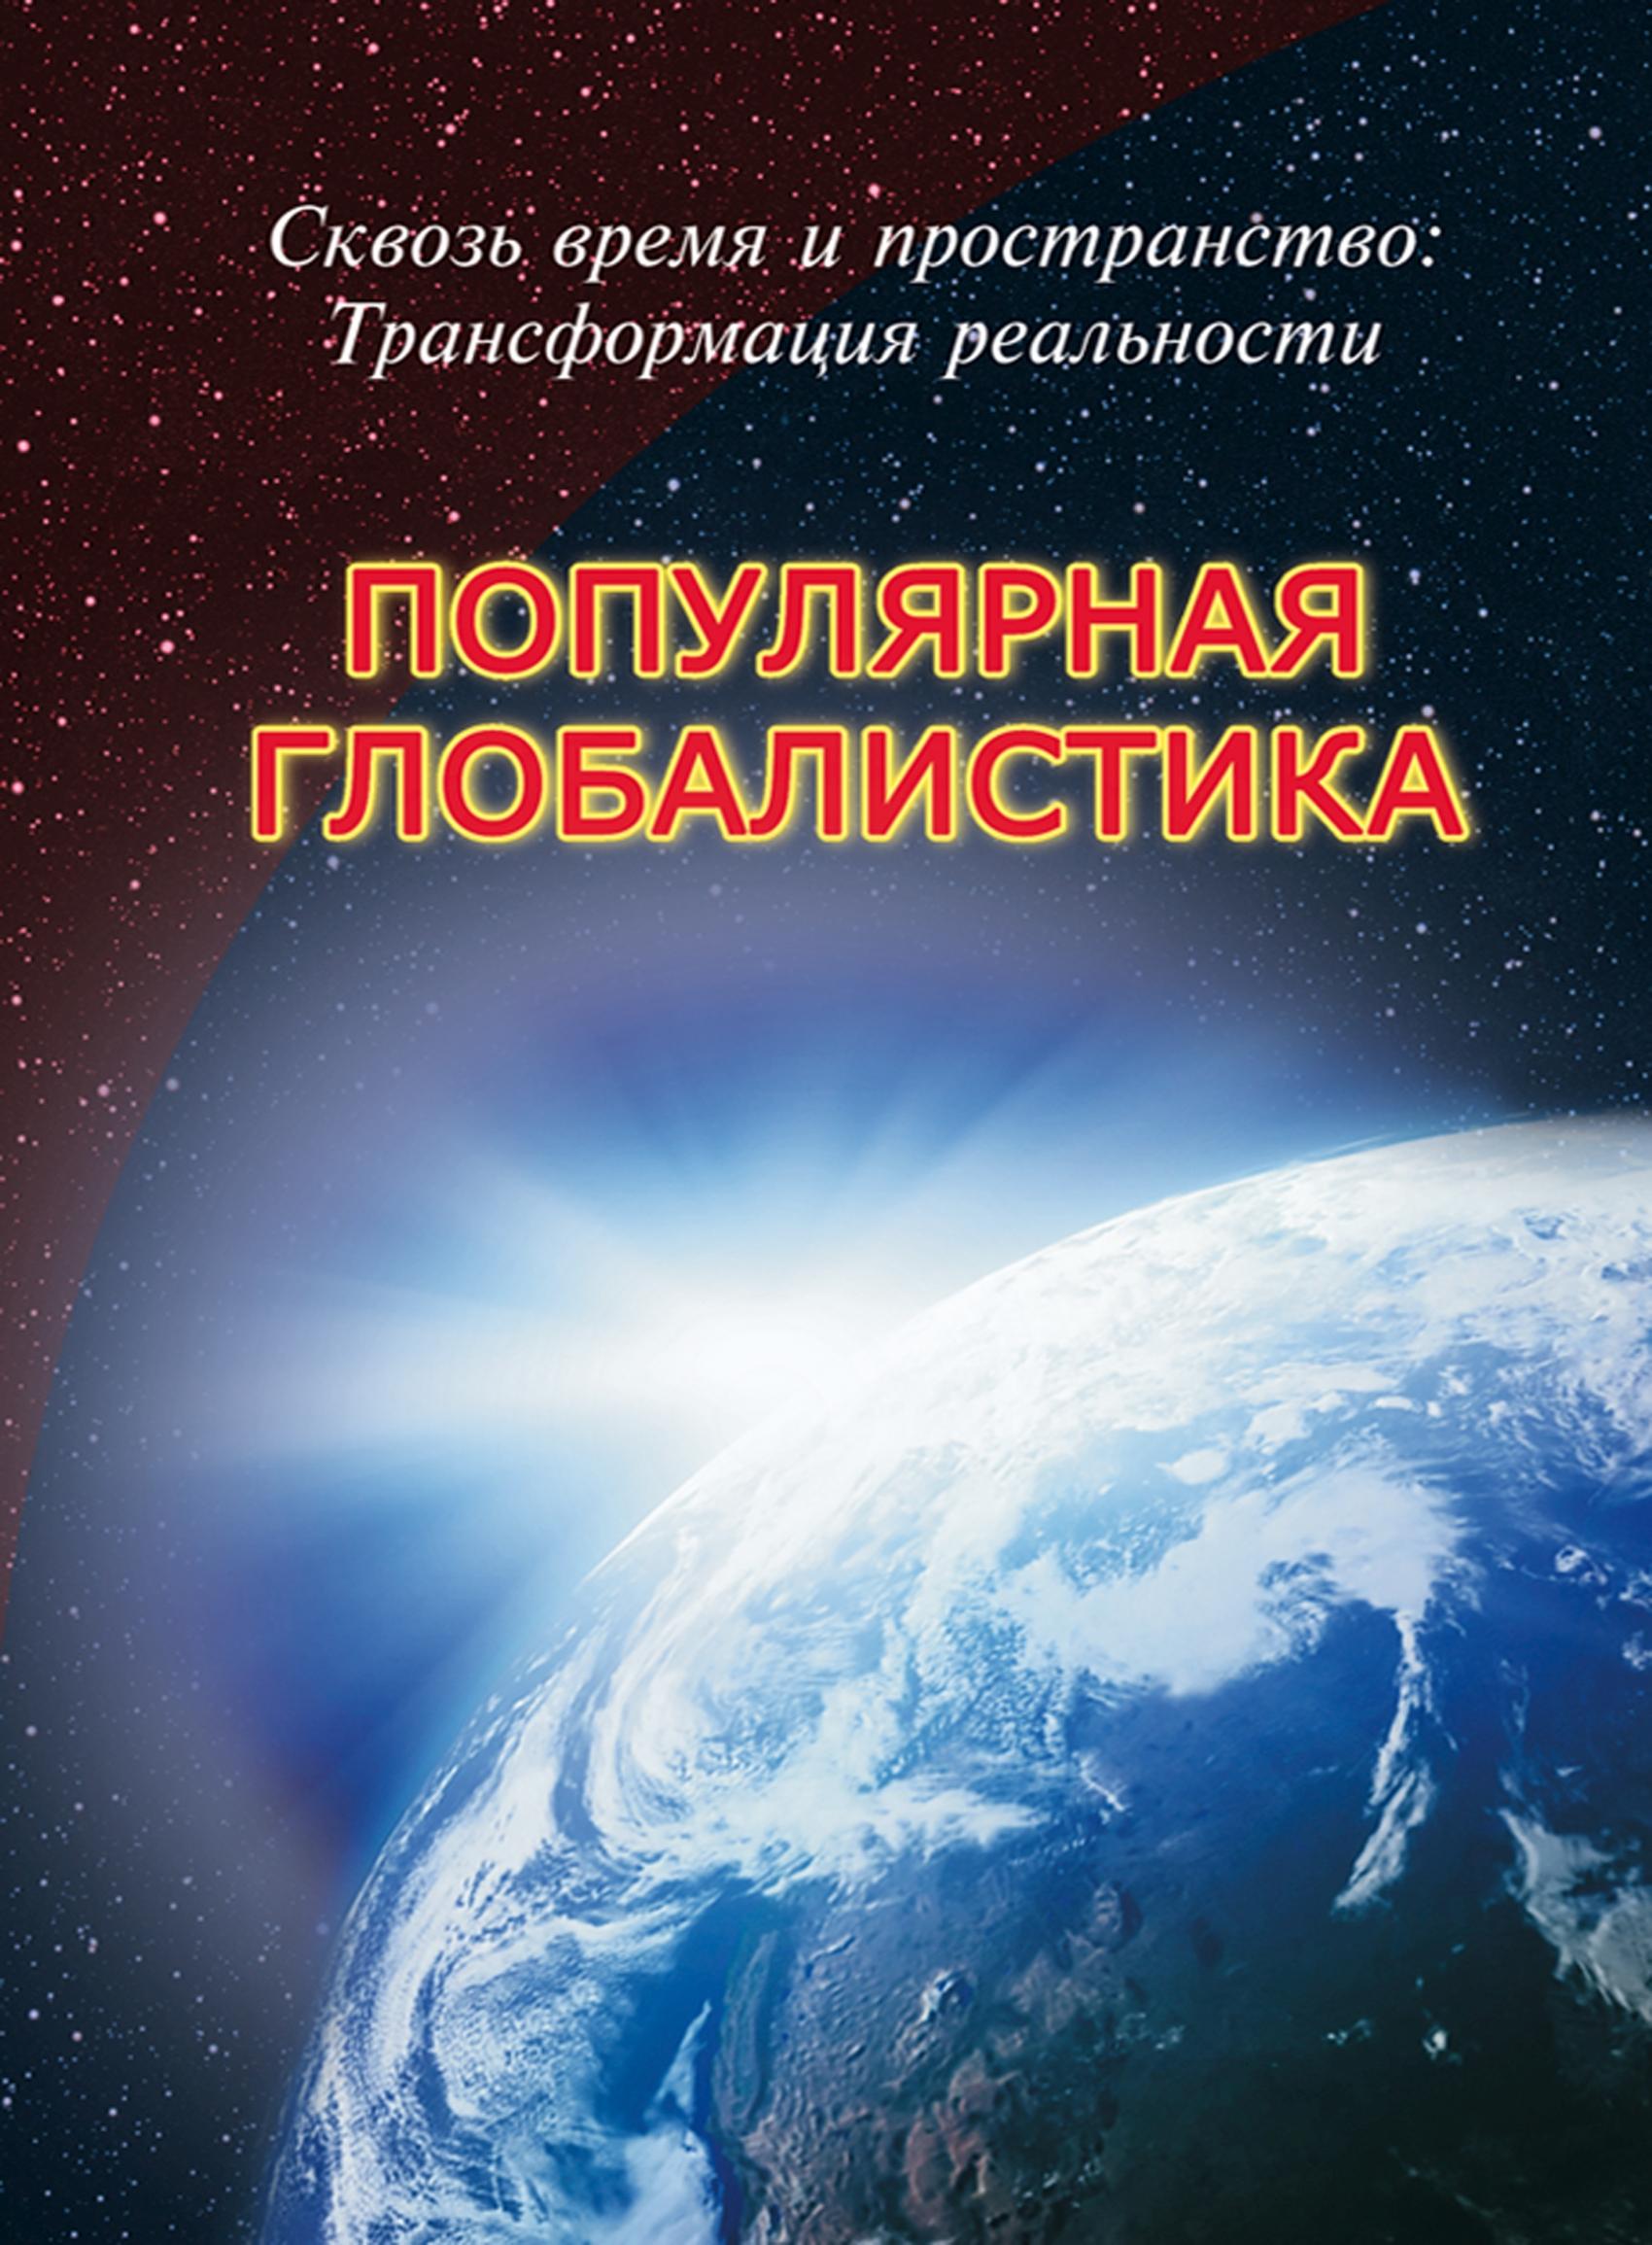 Р. Габдуллин Сквозь время и пространство: трансформация реальности. Популярная глобалистика уэбстер р родственные души отношения пронесенные сквозь время